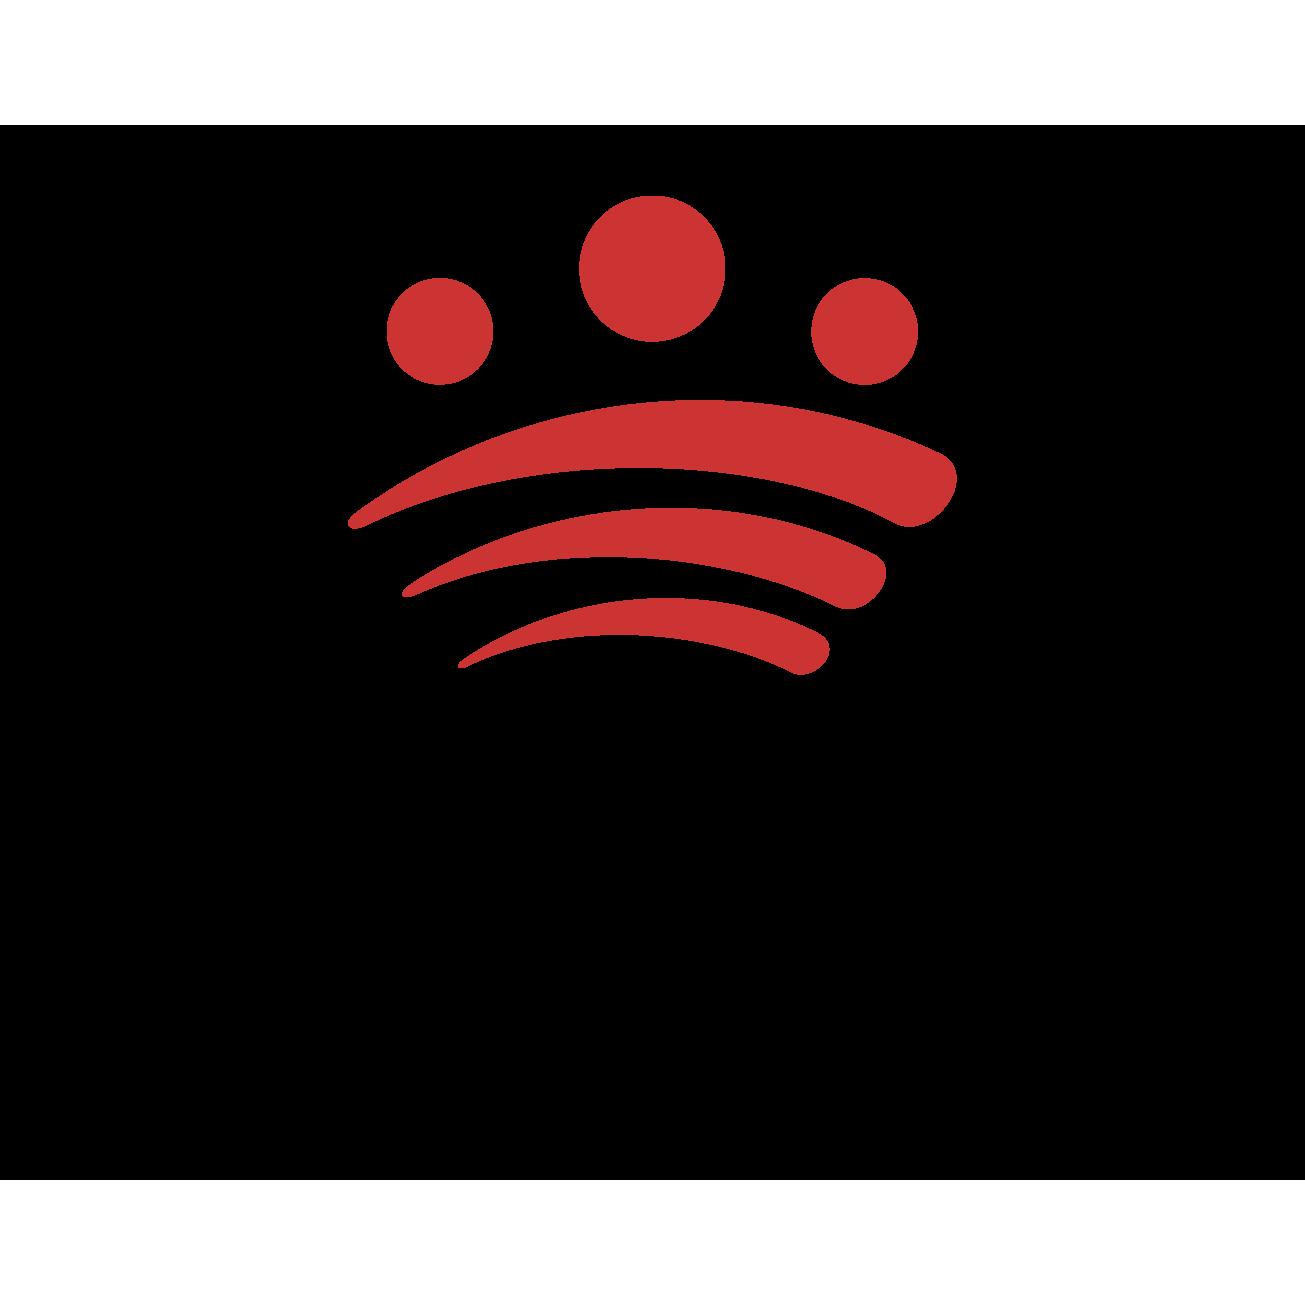 Logotipo de la Diputación de Badajoz